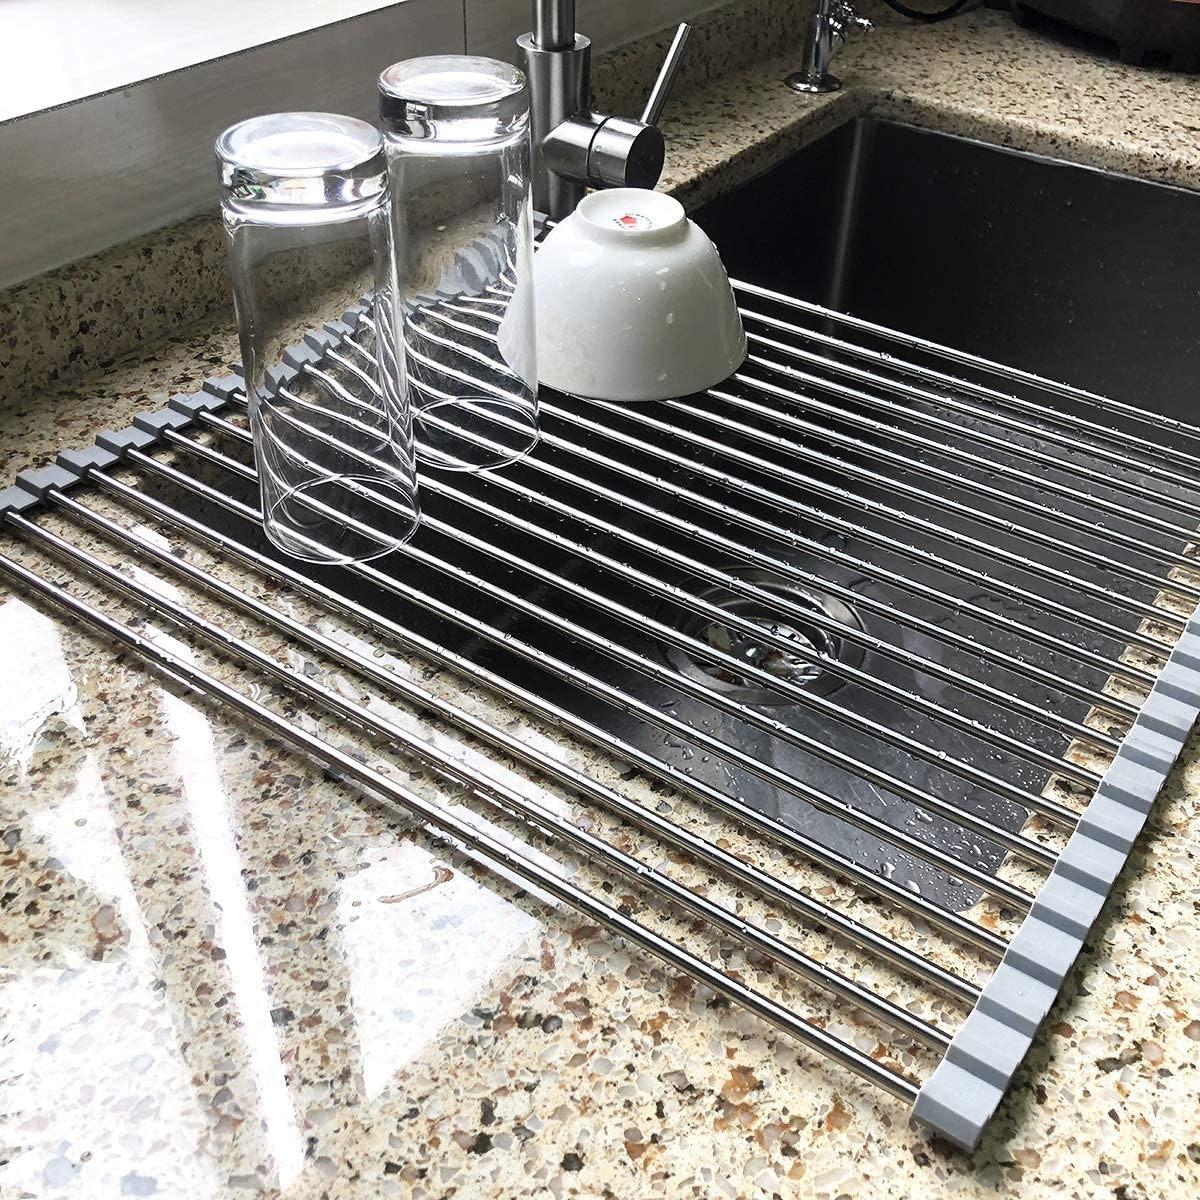 Attom Tech Dish Drying Rack